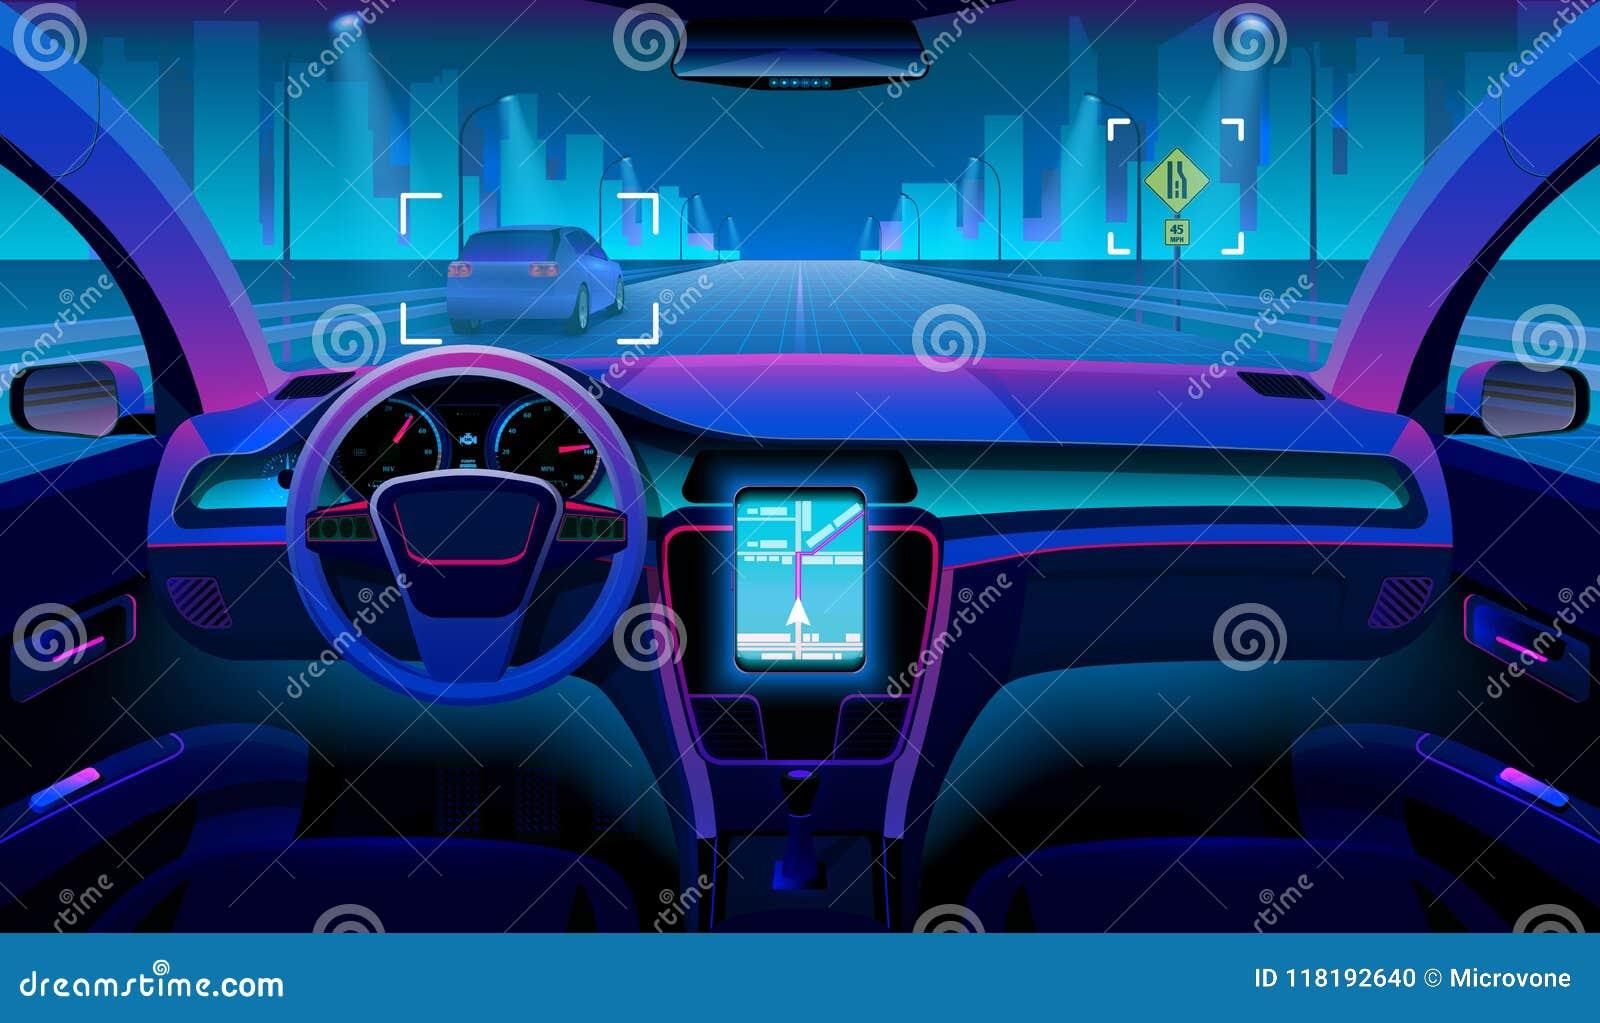 Il veicolo autonomo futuro, l interno driverless dell automobile con gli ostacoli e la notte abbelliscono fuori Assistente futuri